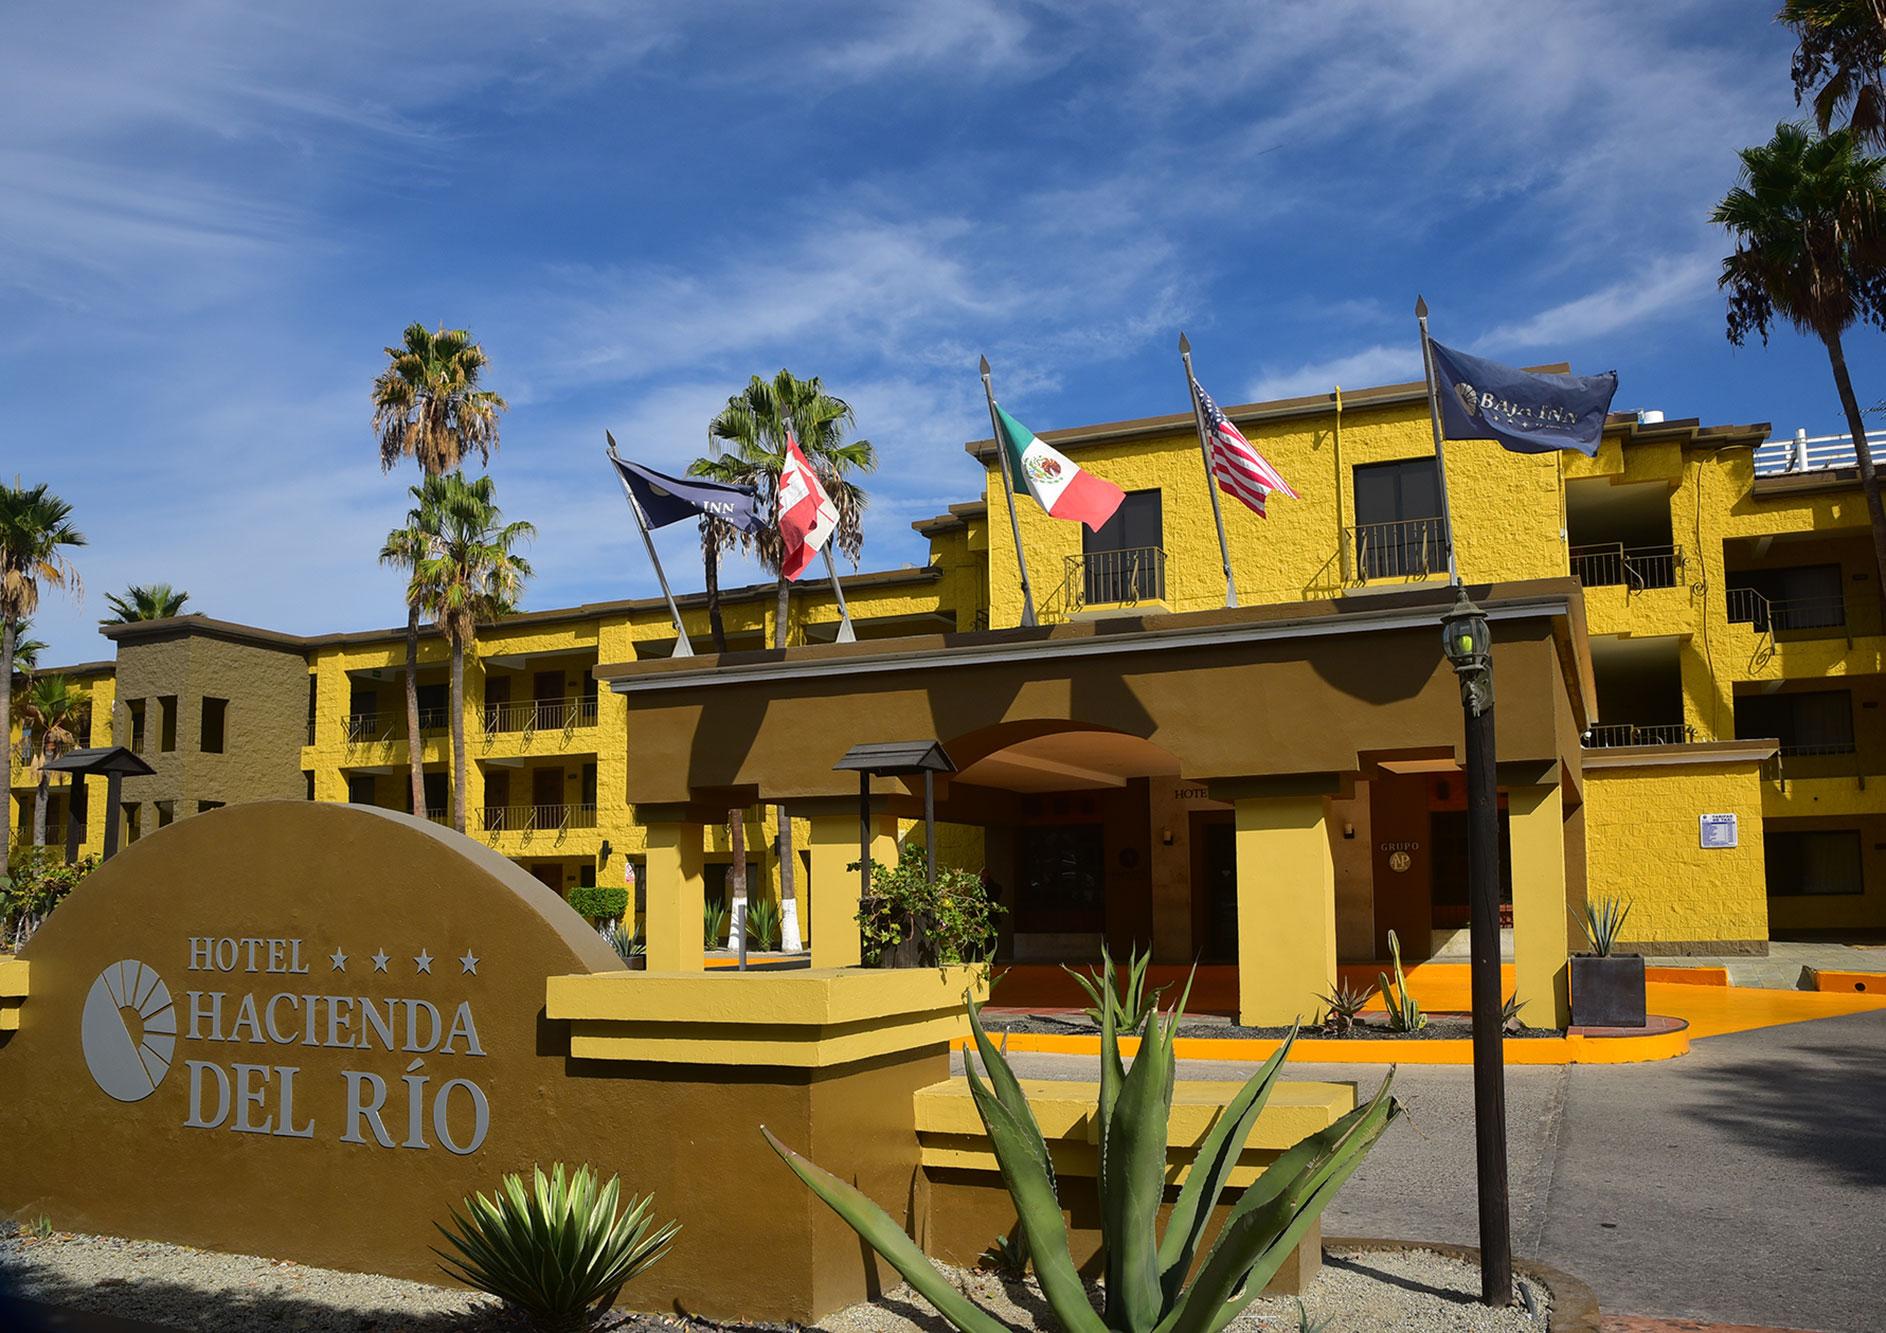 fachada hotel hacienda del rio tijuana